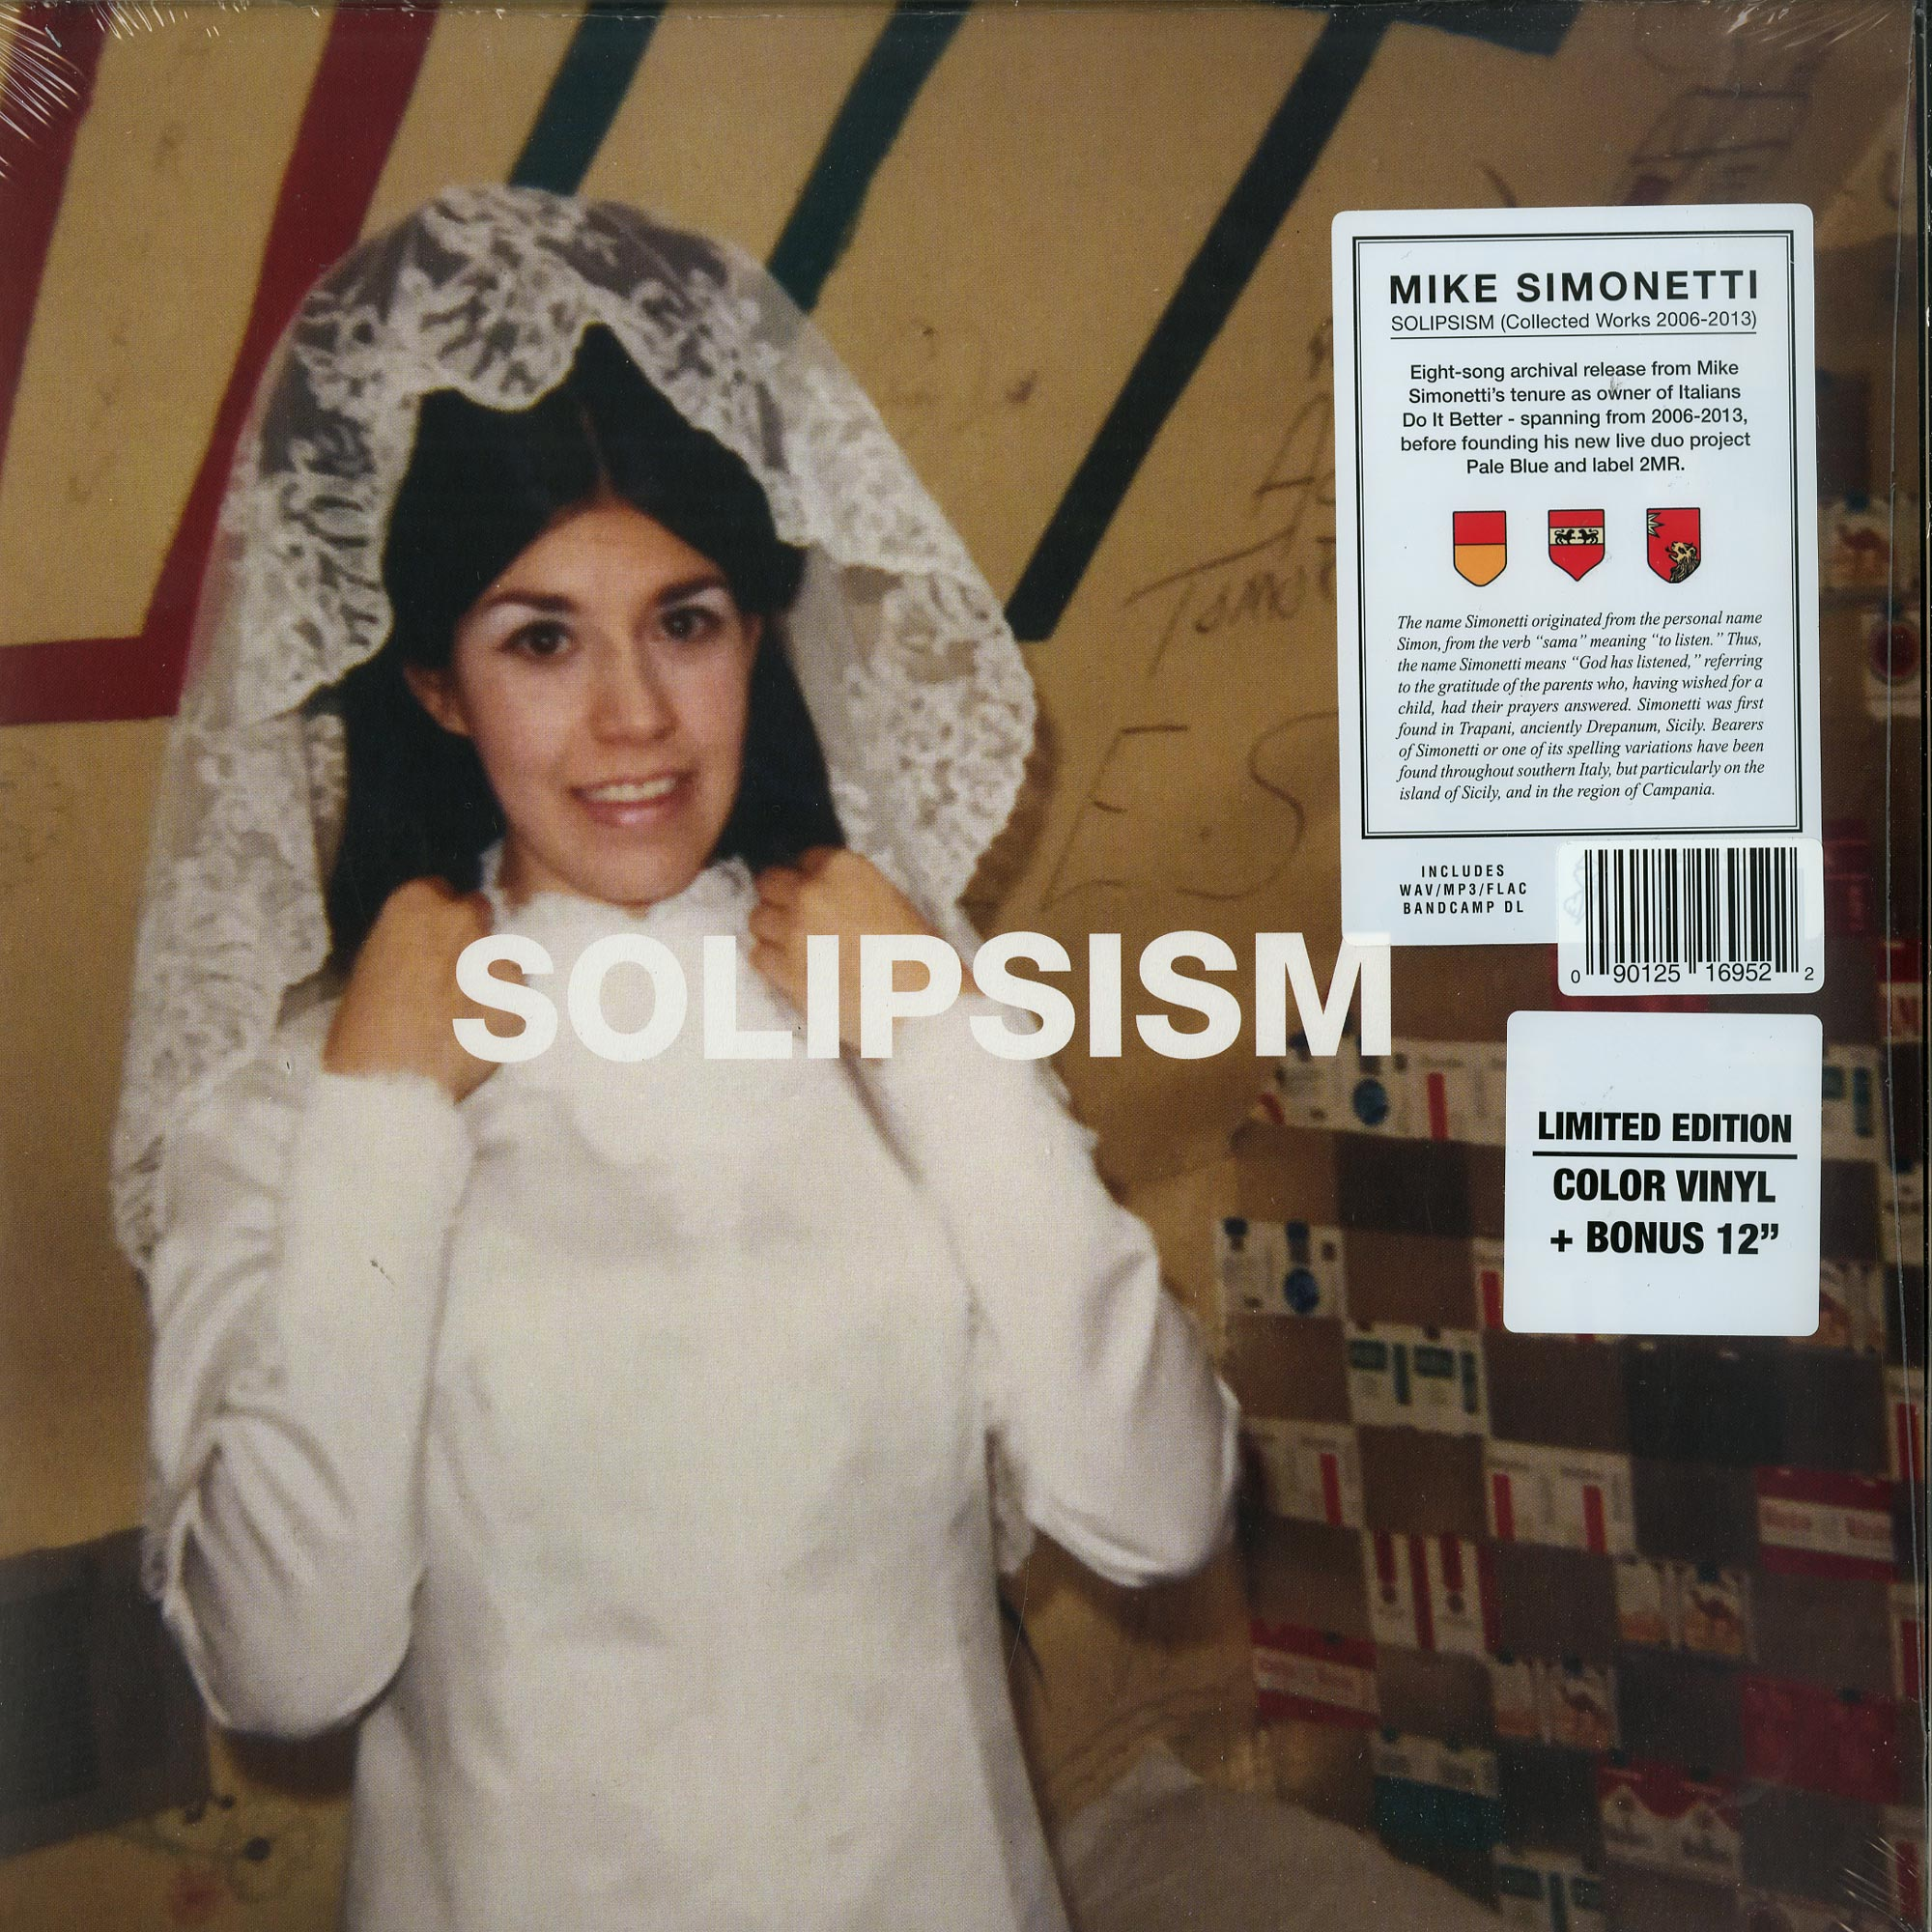 Mike Simonetti - SOLIPSISM